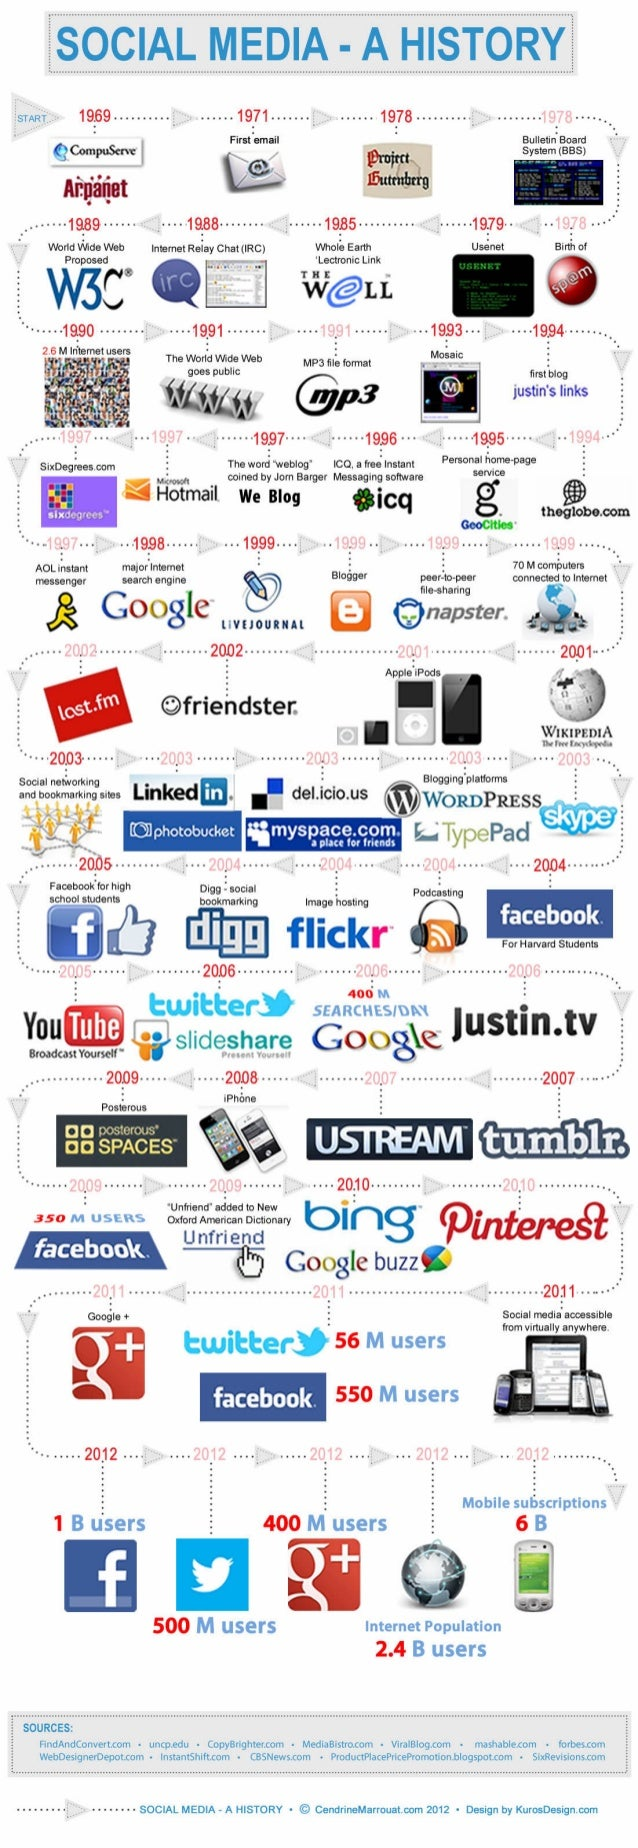 History of social media (1969 - 2012)